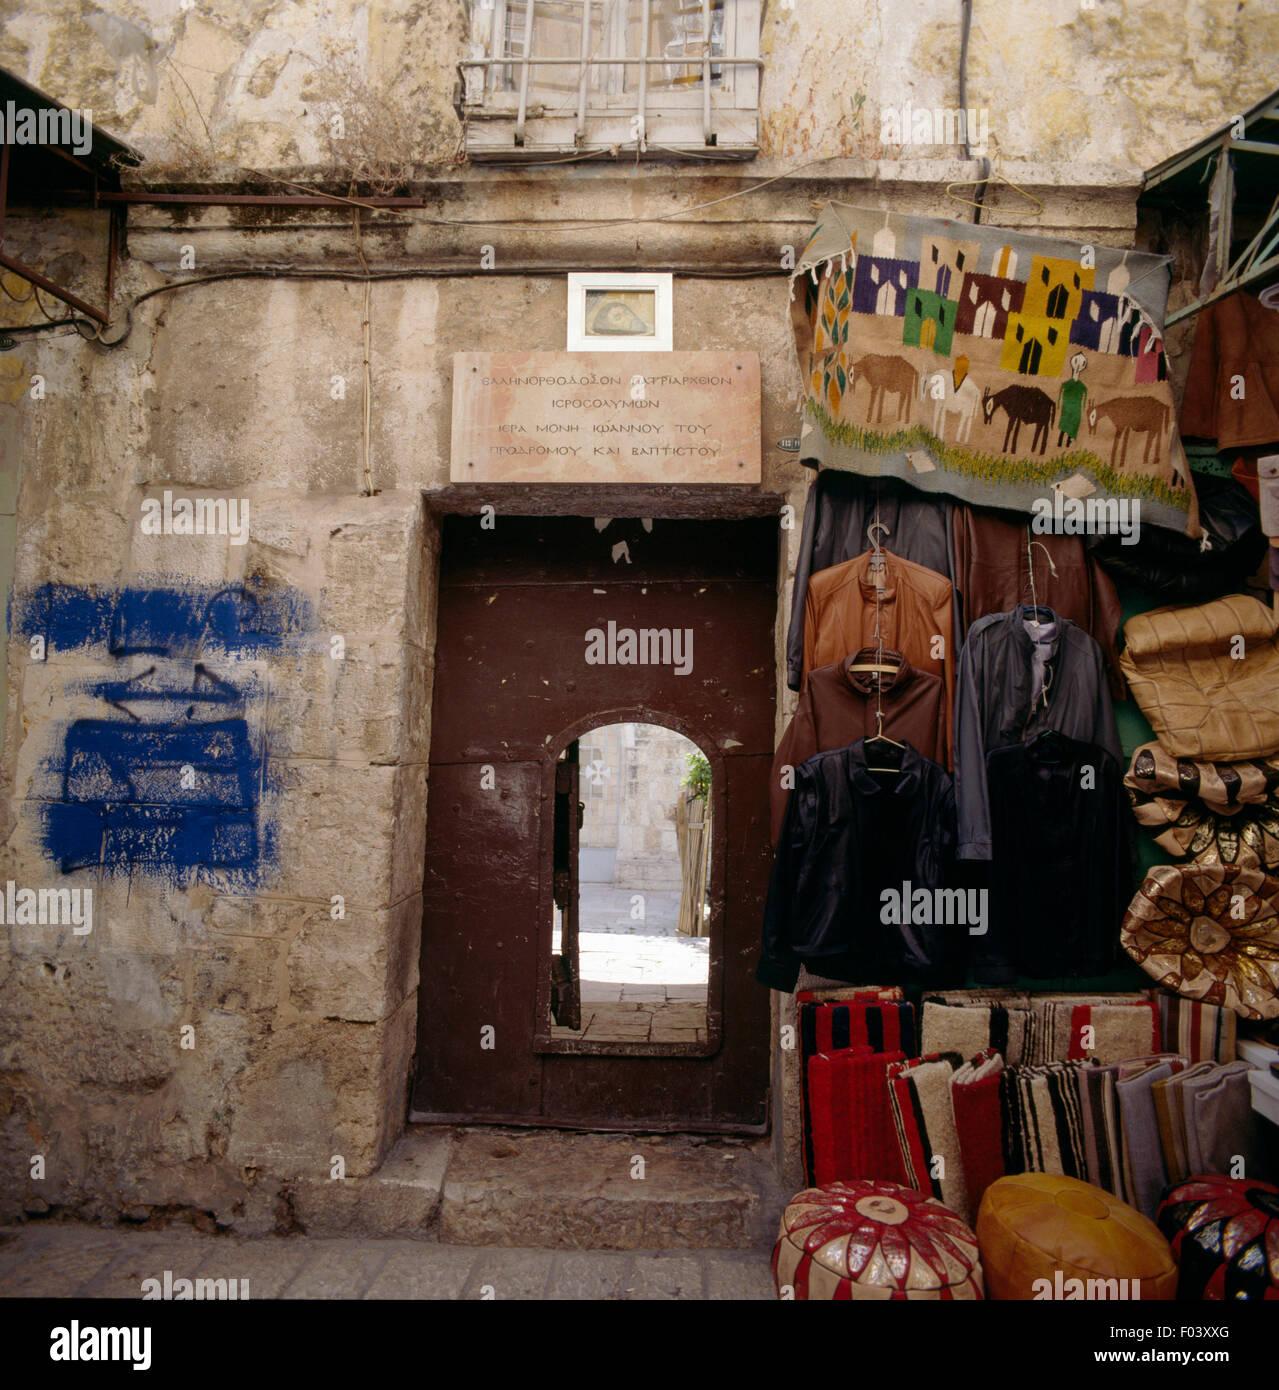 Israel Clothes Imágenes De Stock   Israel Clothes Fotos De Stock - Alamy 18bc9a7e151